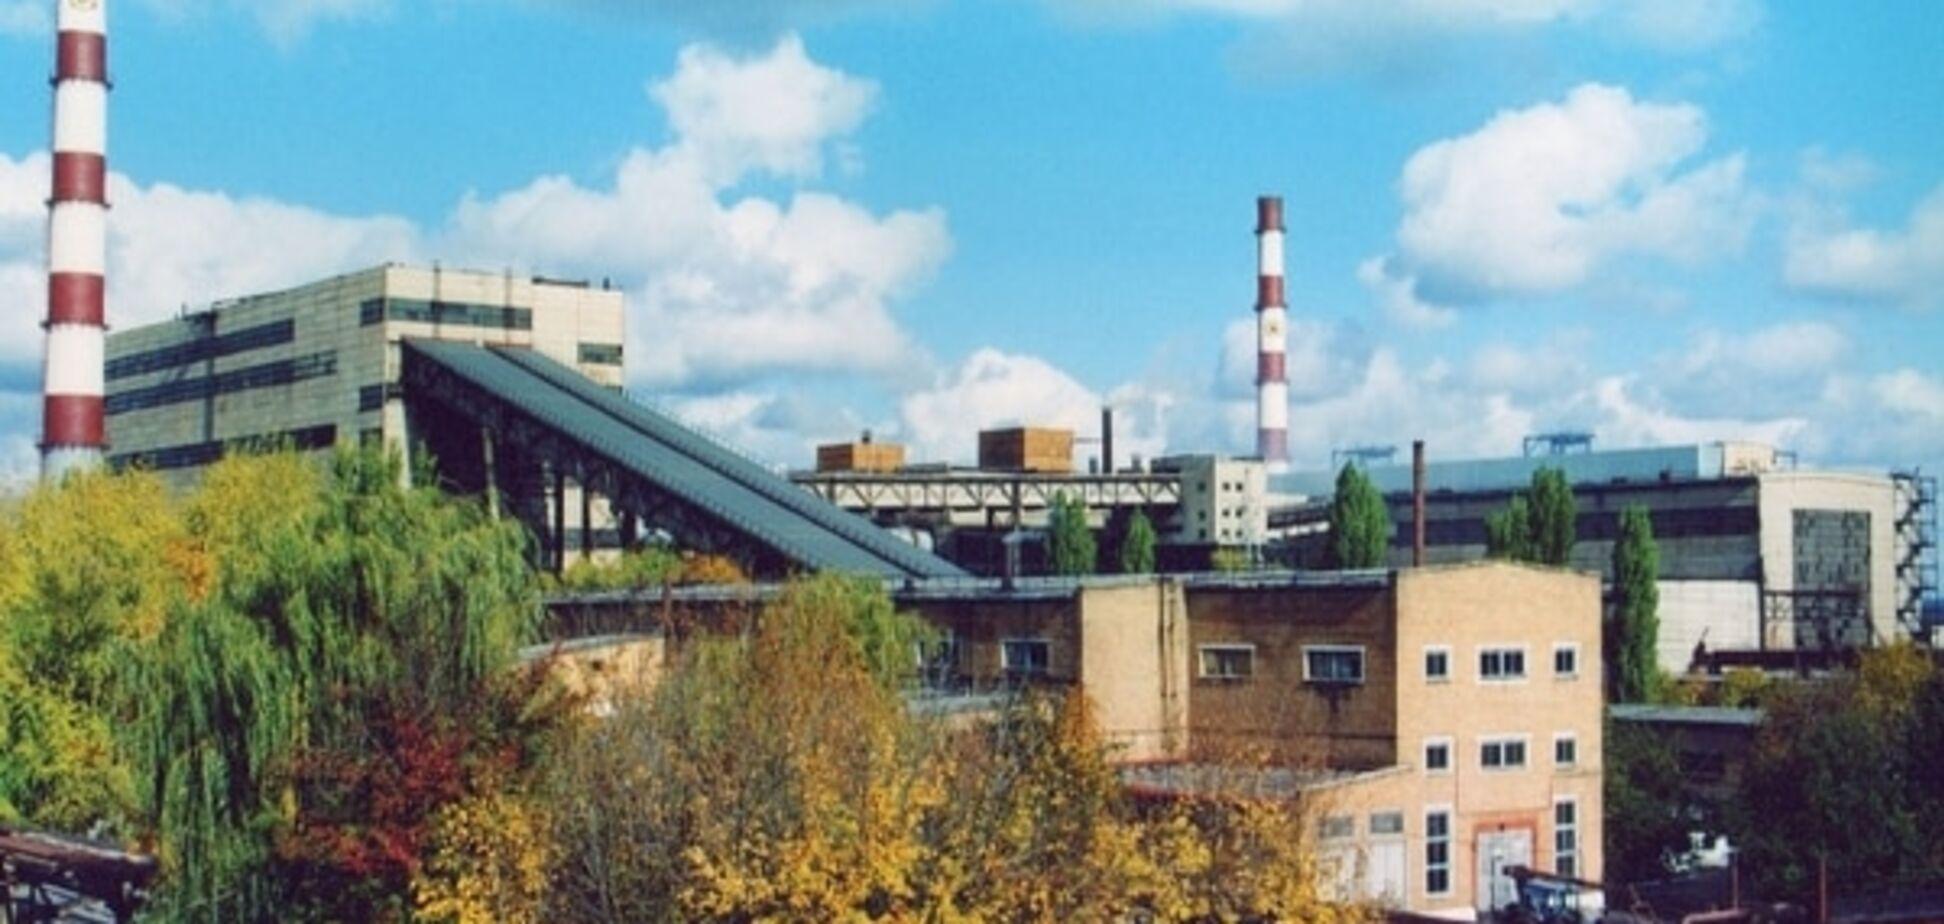 Инвестпроекты Побужского ферроникелевого комбината: экологичность производства прежде всего